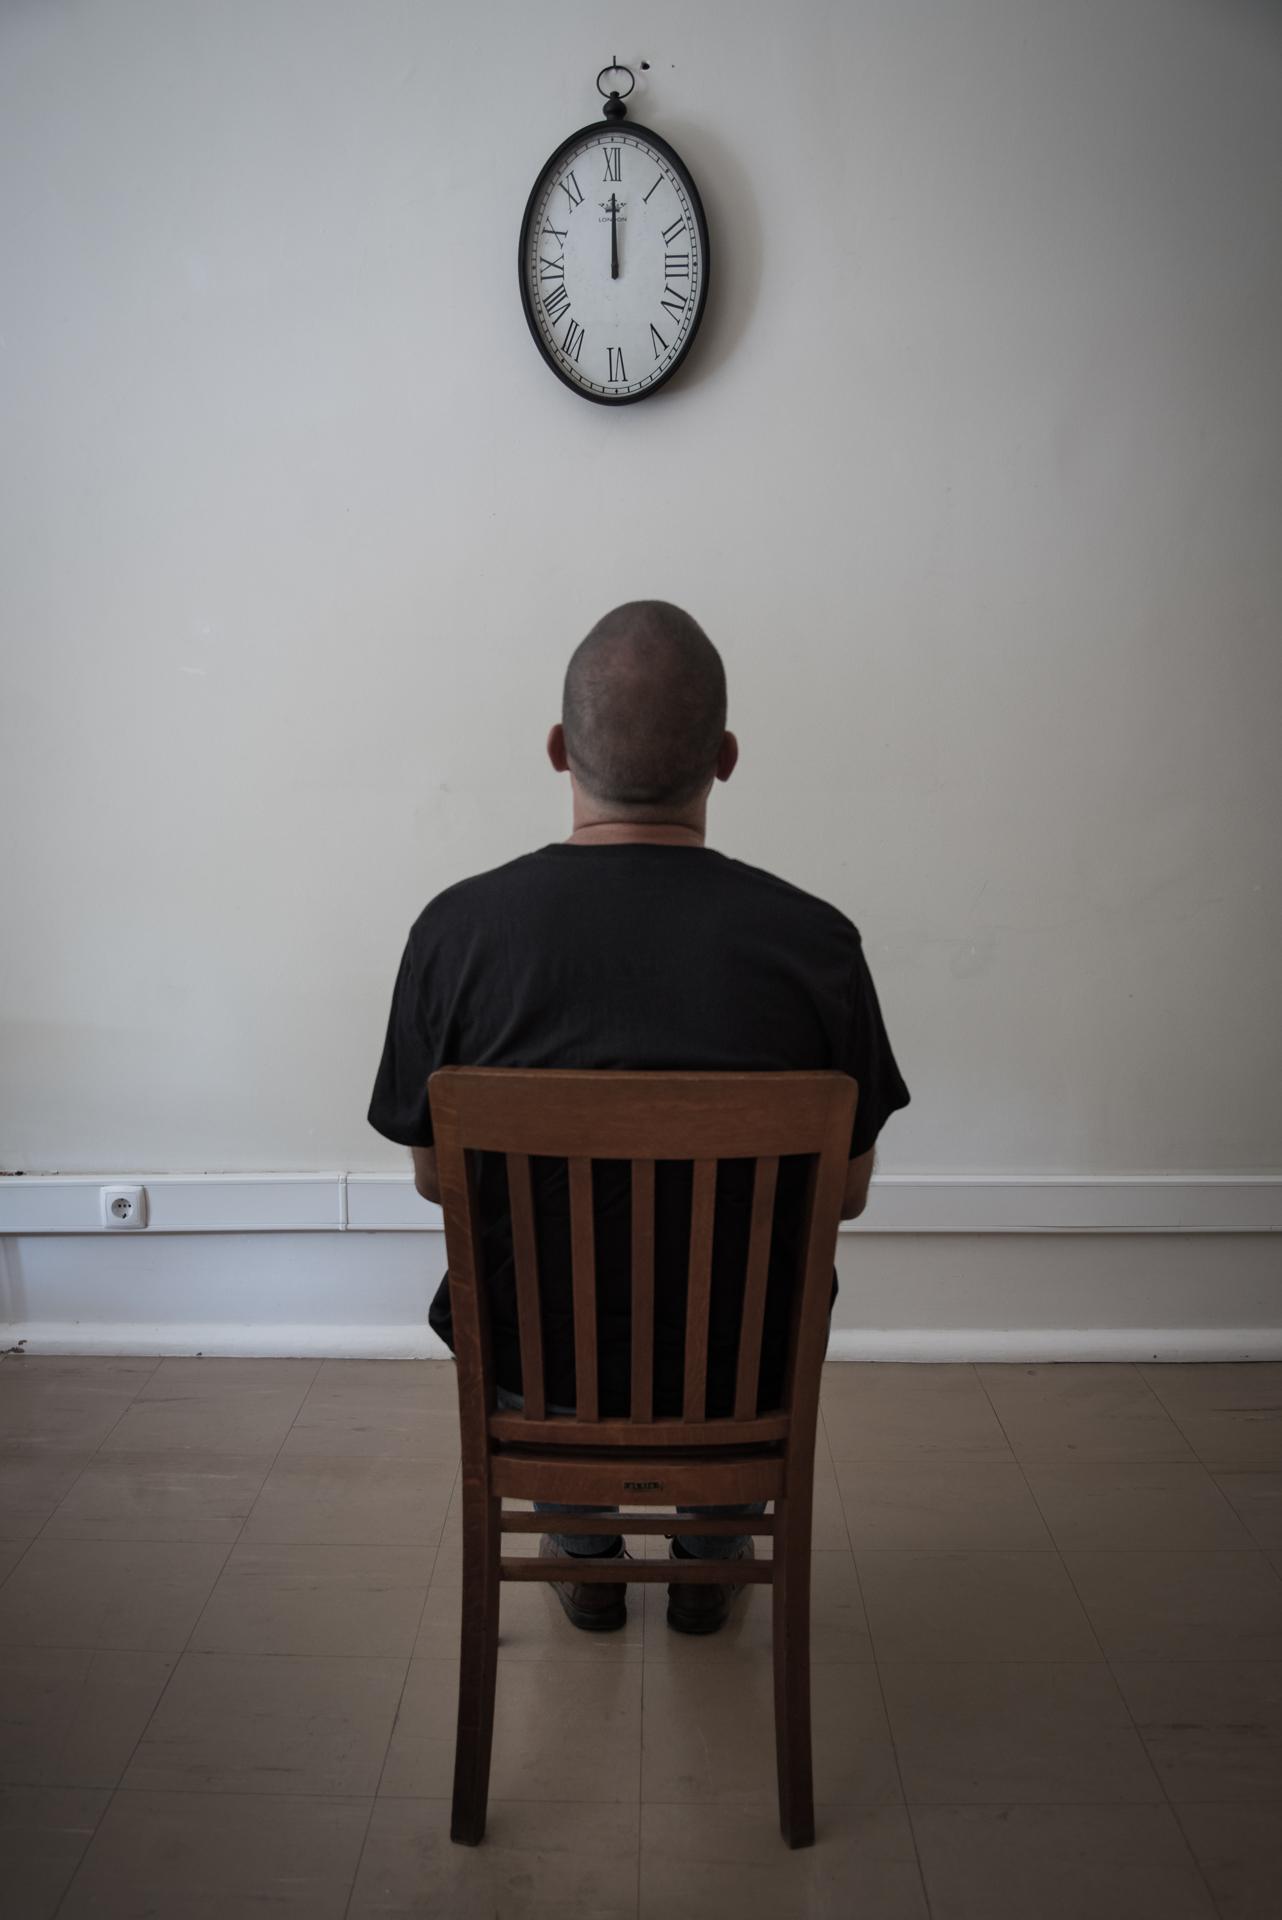 <p>A  depressão  é  das  doenças  com uma das taxas de incidência  mais  elevadas  do mundo.  A  demora média  entre  os  primeiros  sintomas e o inicio do tratamento  chega  a  ser  de  5 anos,  no caso de depressão major.</p>